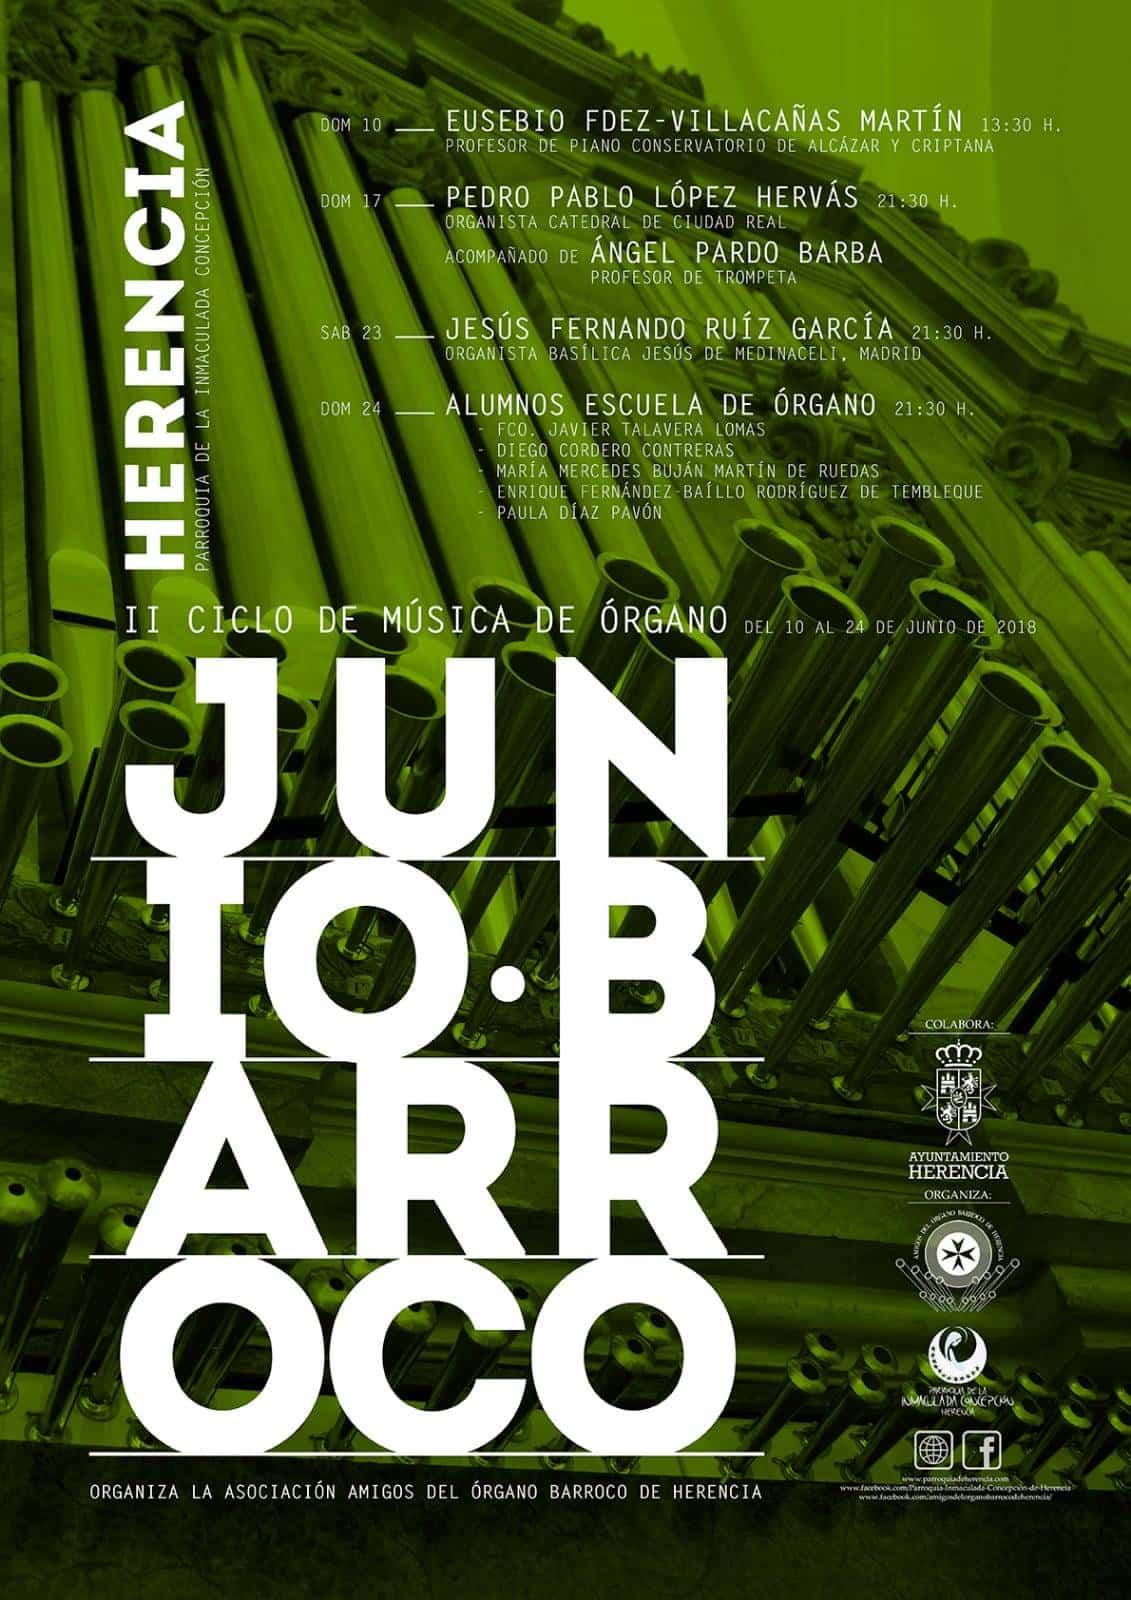 """Continúan los conciertos de órgano del II ciclo de música """"Junio Barroco"""" 3"""